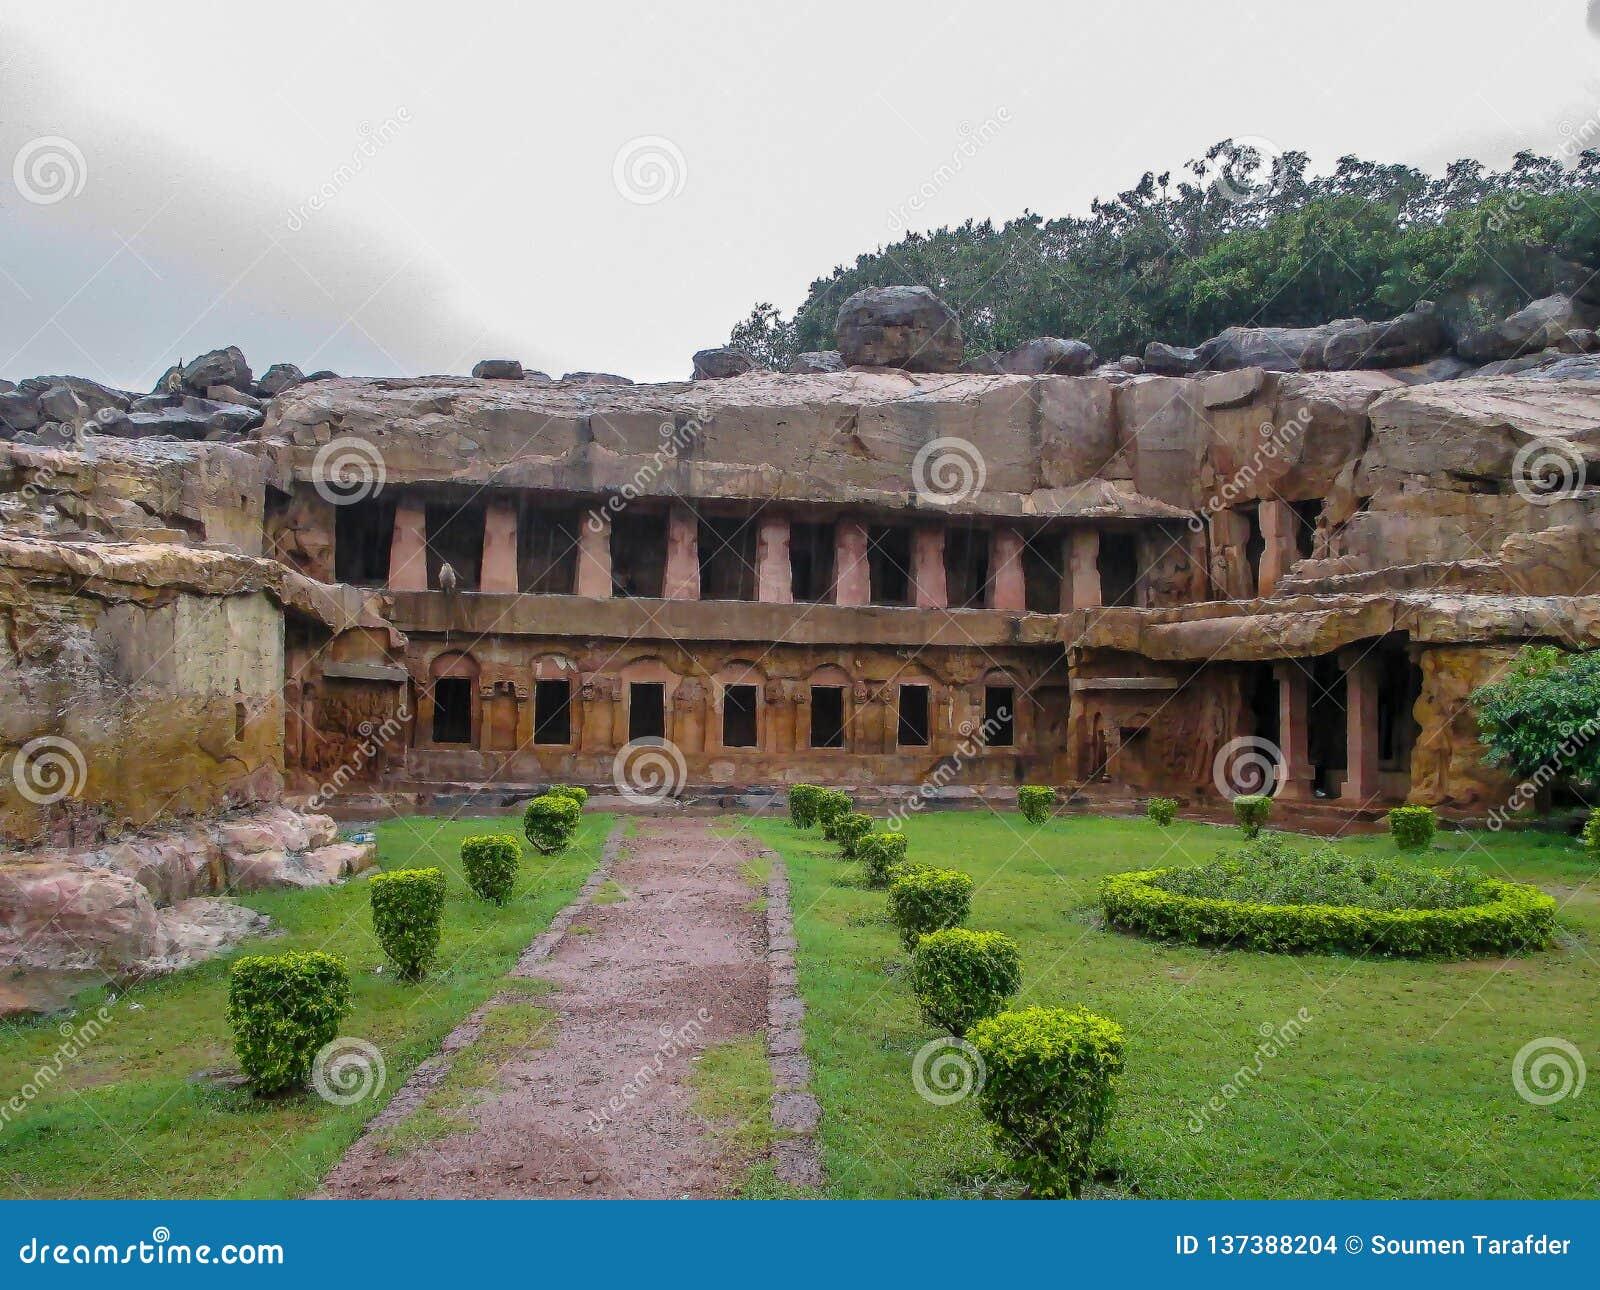 Οι καταστροφές των κτηρίων επί ενός αρχαιολογικών τόπου, ενός Udayagiri και ενός Khandagiri ανασκάπτουν, Bhubaneswar, Odisha, Ινδ